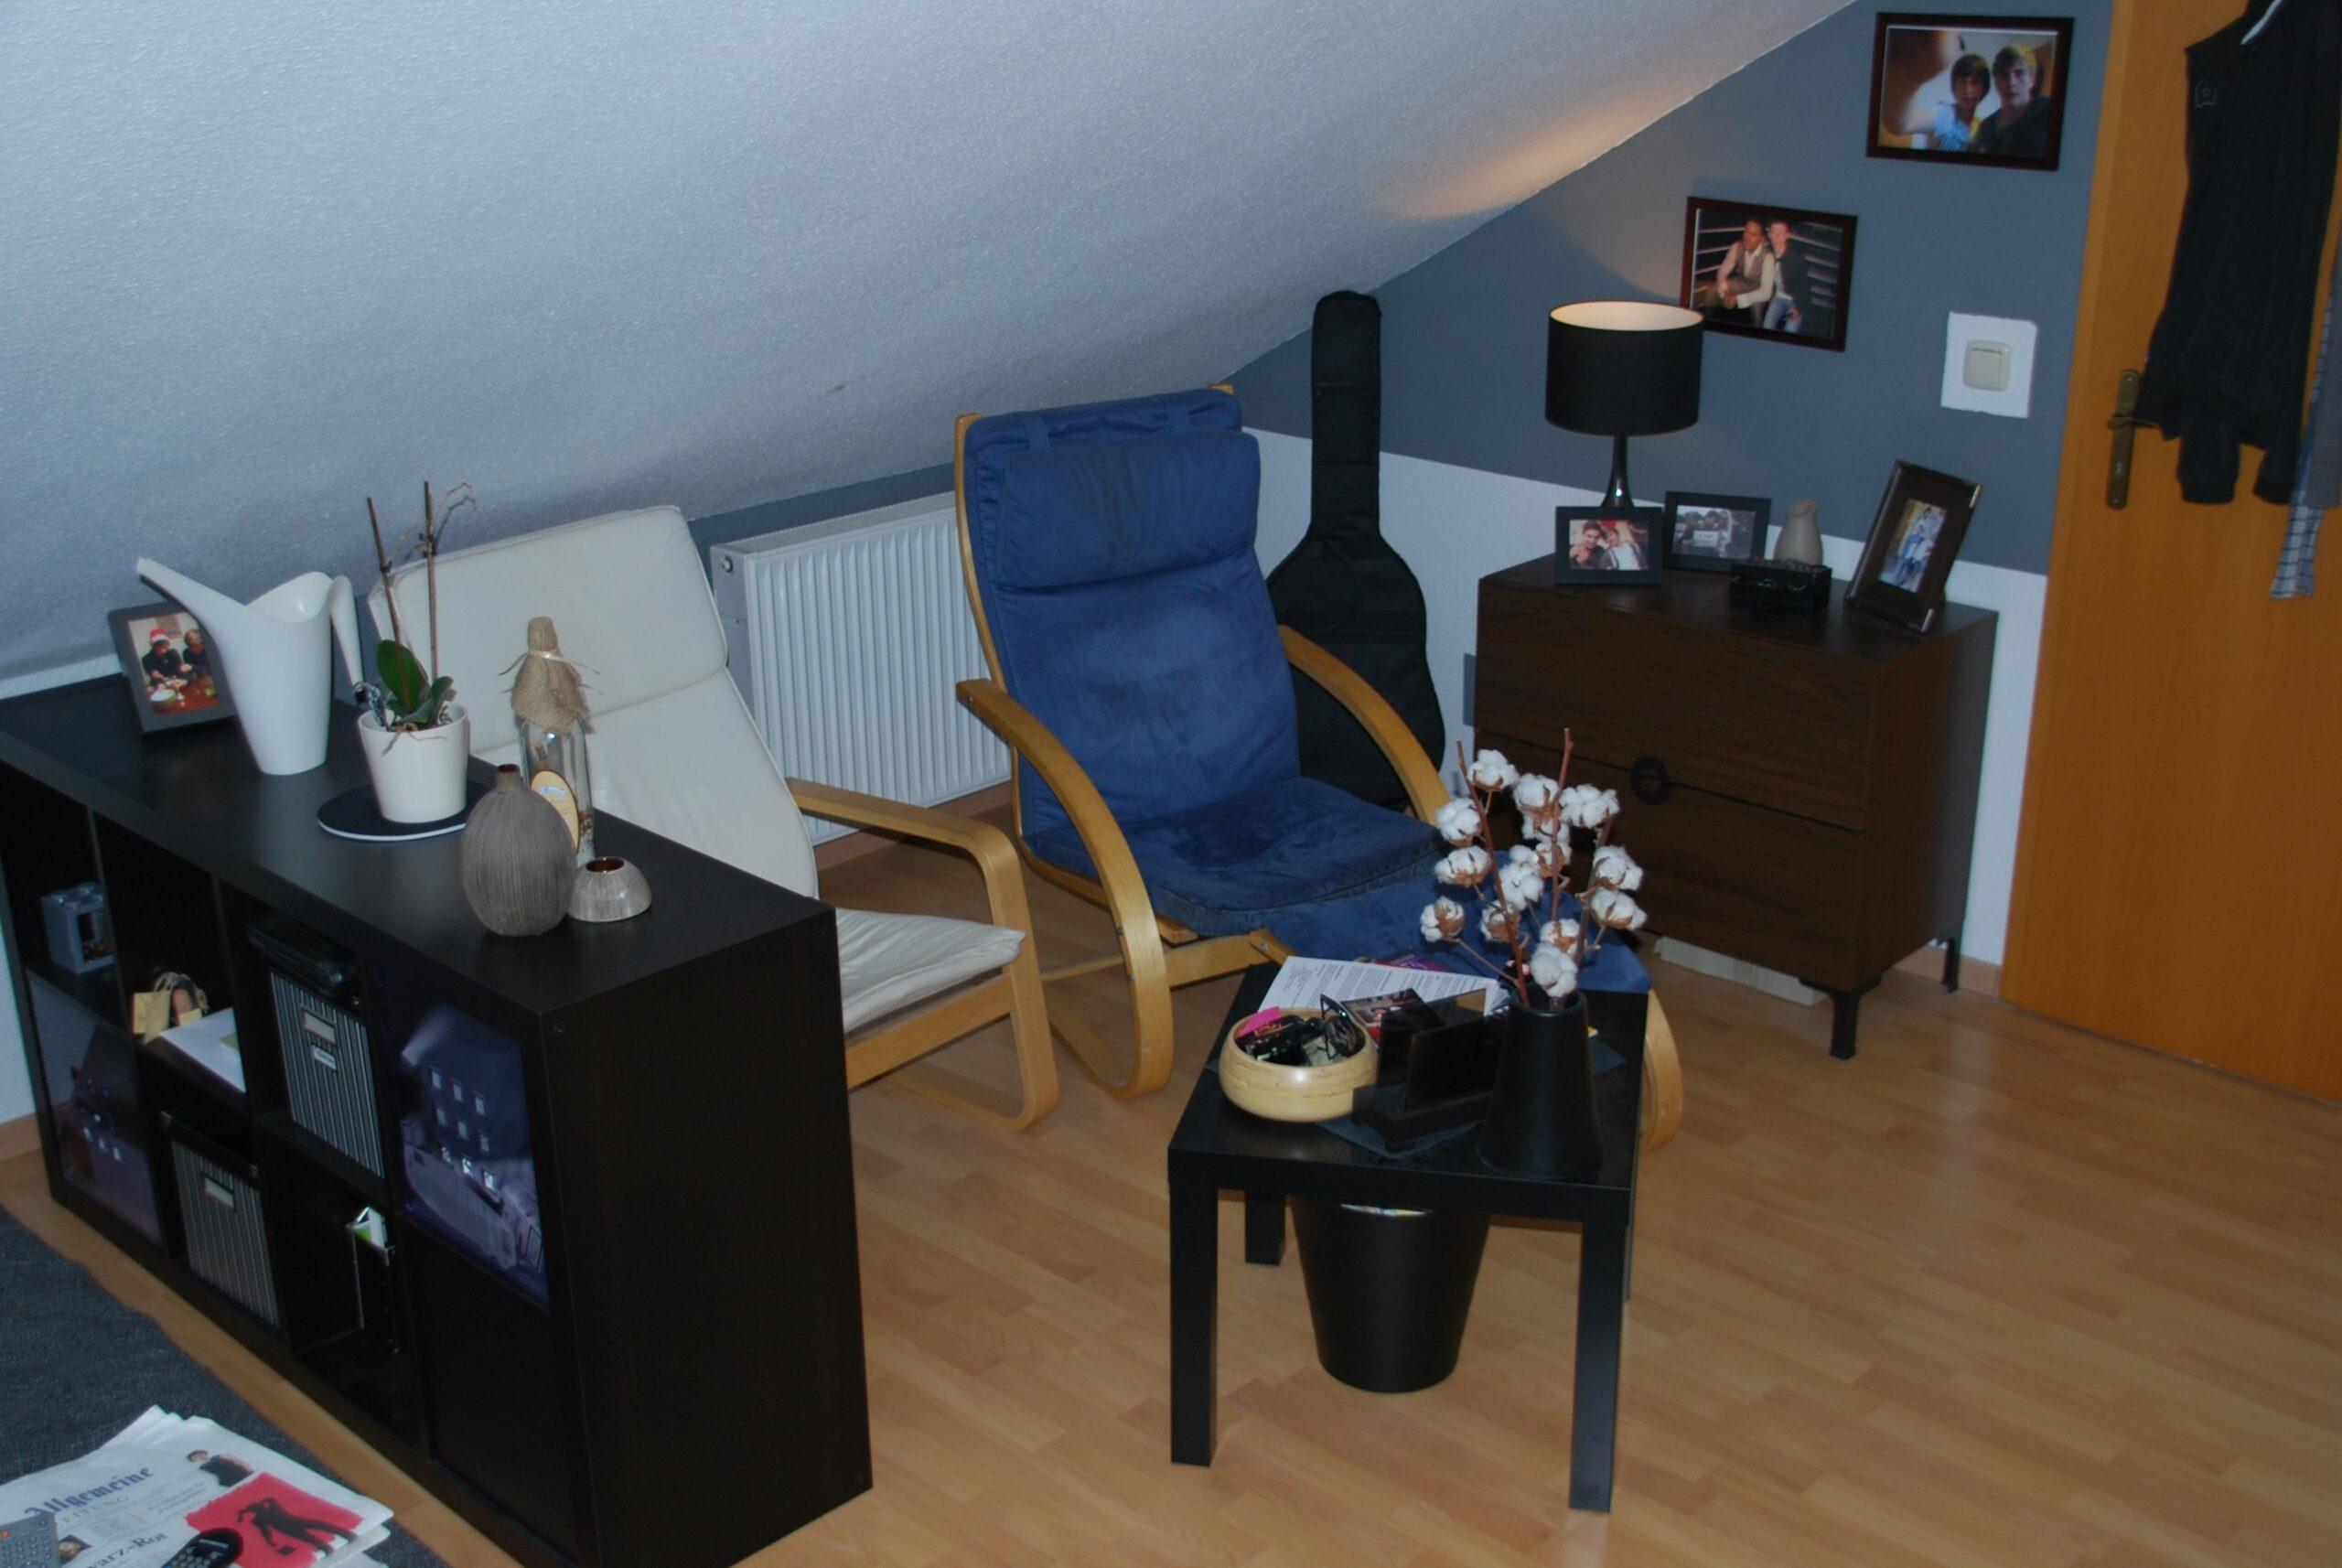 Full Size of Sitzecke Stuhl Beistelltisch Regal Sessel Kommo Betten Ikea 160x200 Küche Lieferzeit Doppel Mülleimer Eckschrank Rosa Wandpaneel Glas Mischbatterie Wohnzimmer Sitzecke Küche Ikea